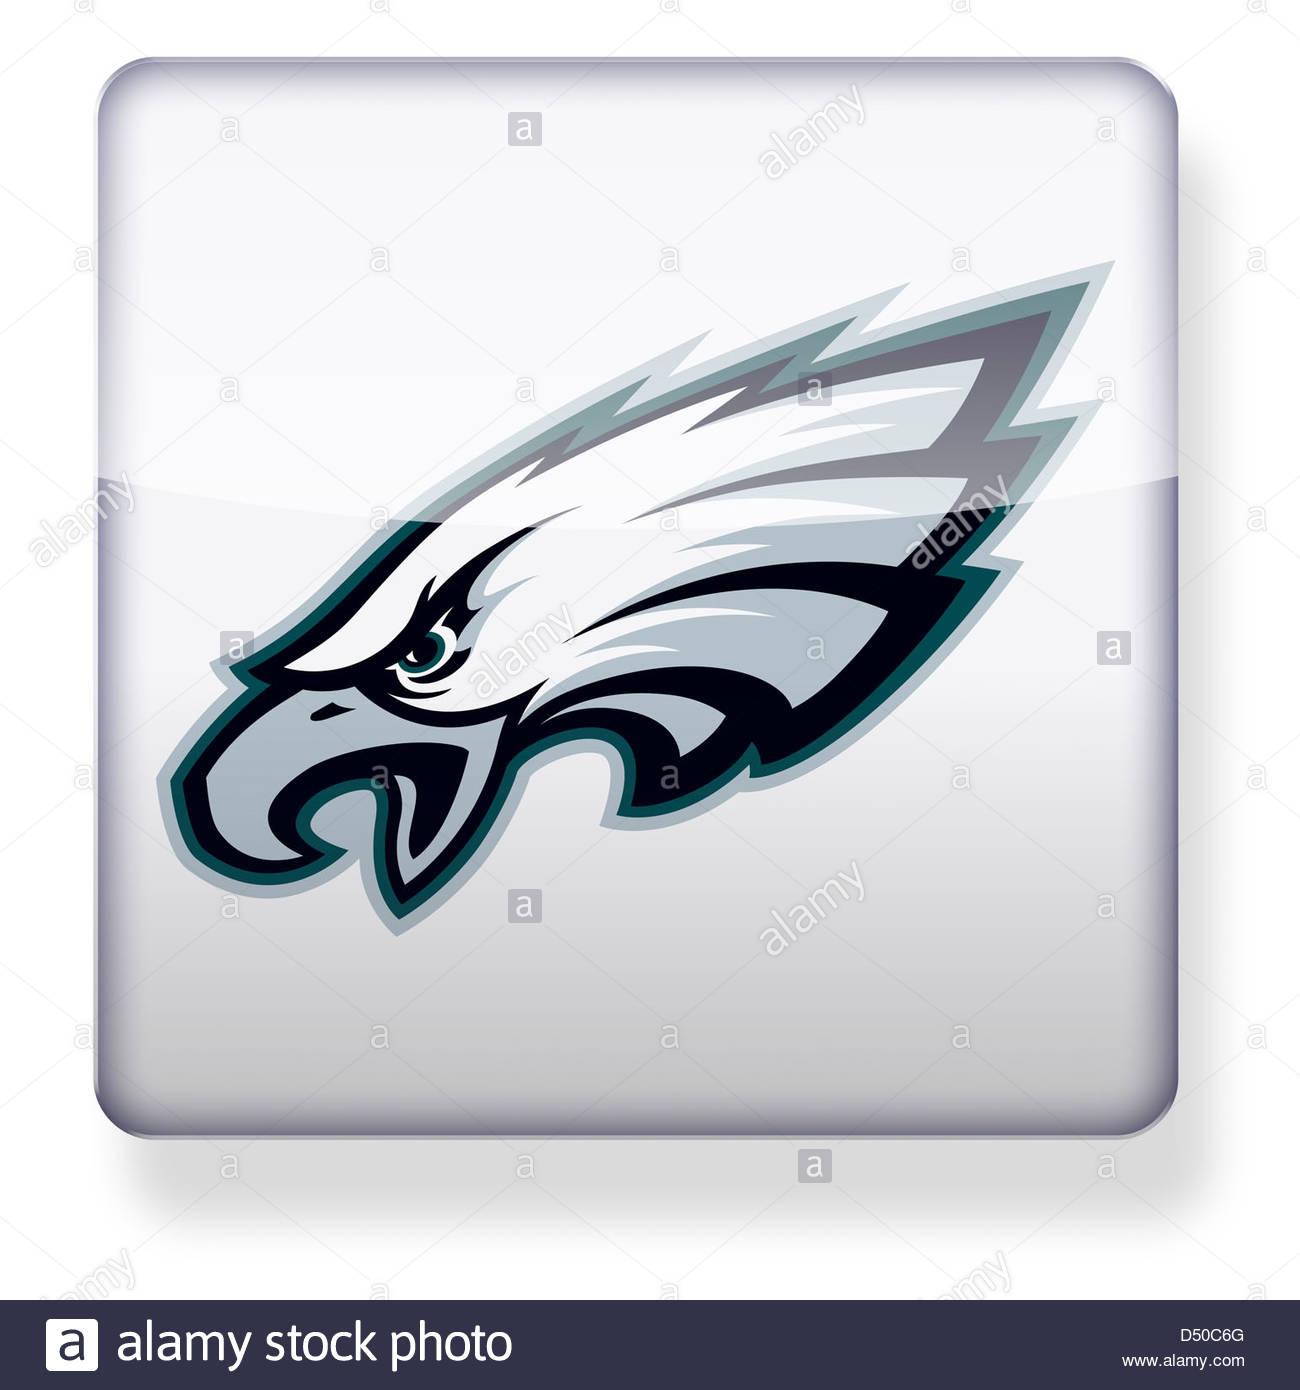 1300x1390 Philadelphia Eagles Logo Icon Stock Photo, Royalty Free Image